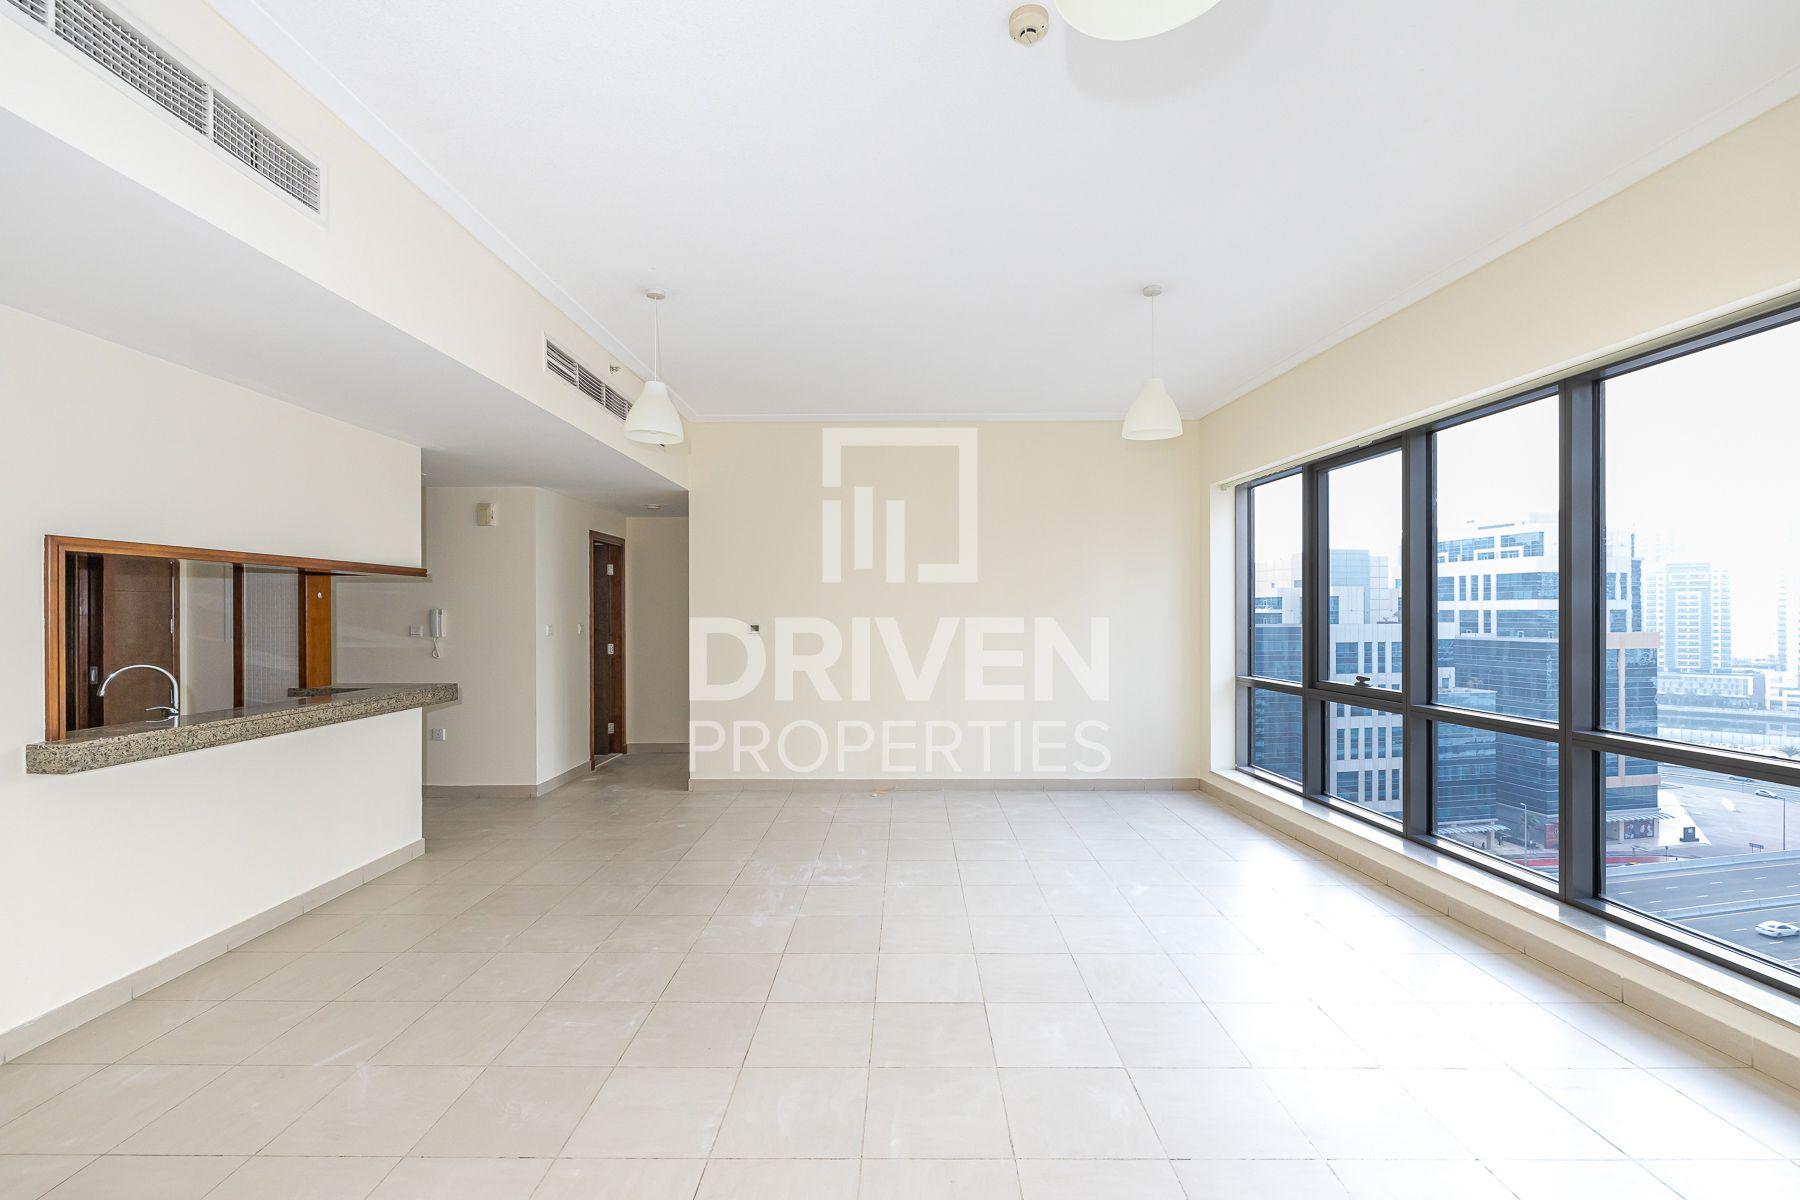 للايجار - شقة - البرج الجنوبي 5 - دبي وسط المدينة